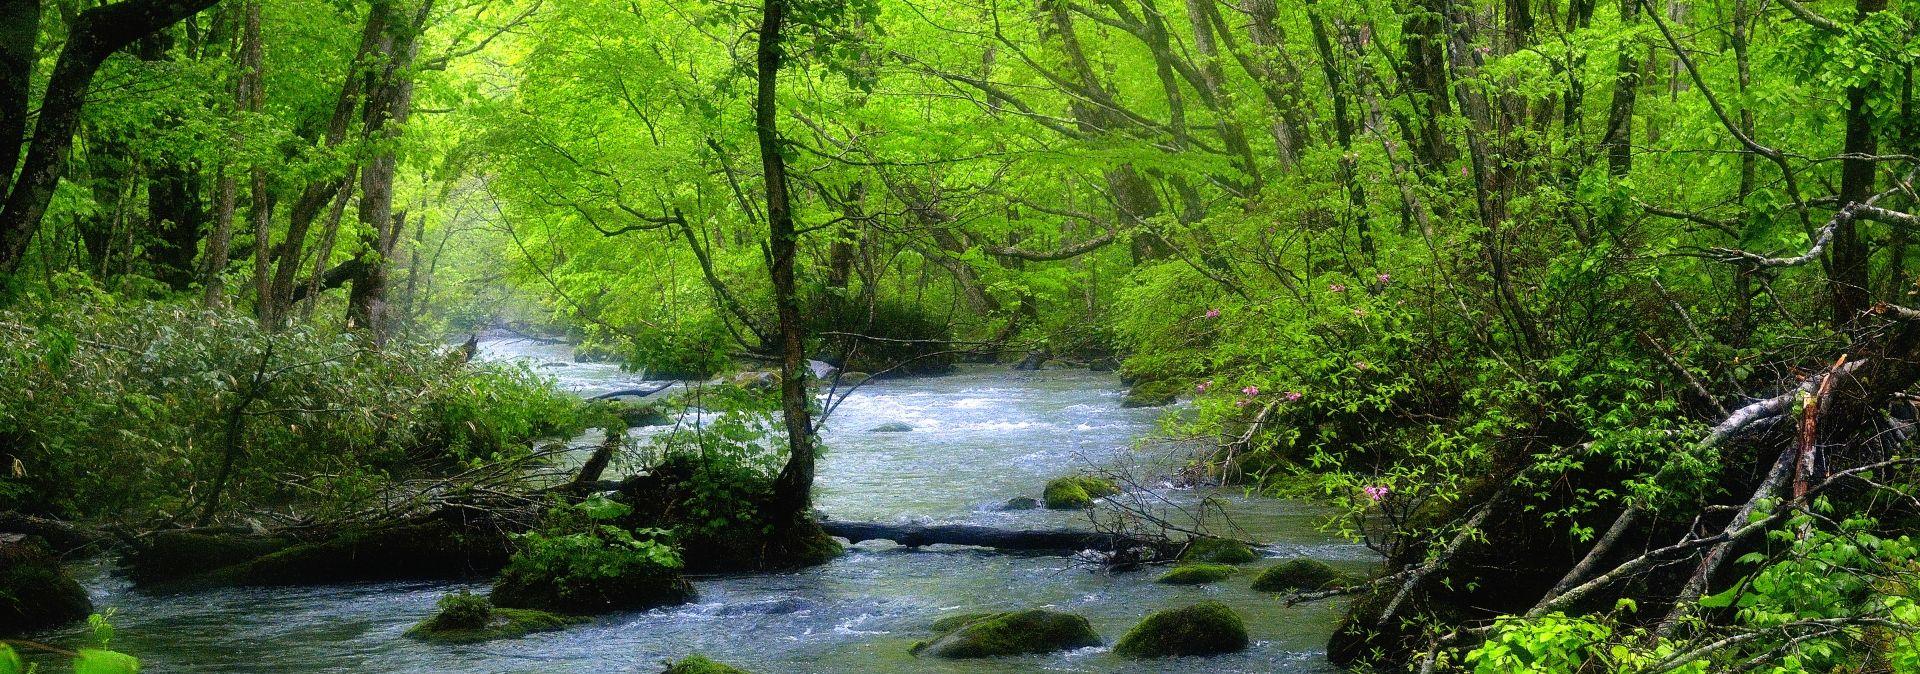 奥入瀬渓流の朝